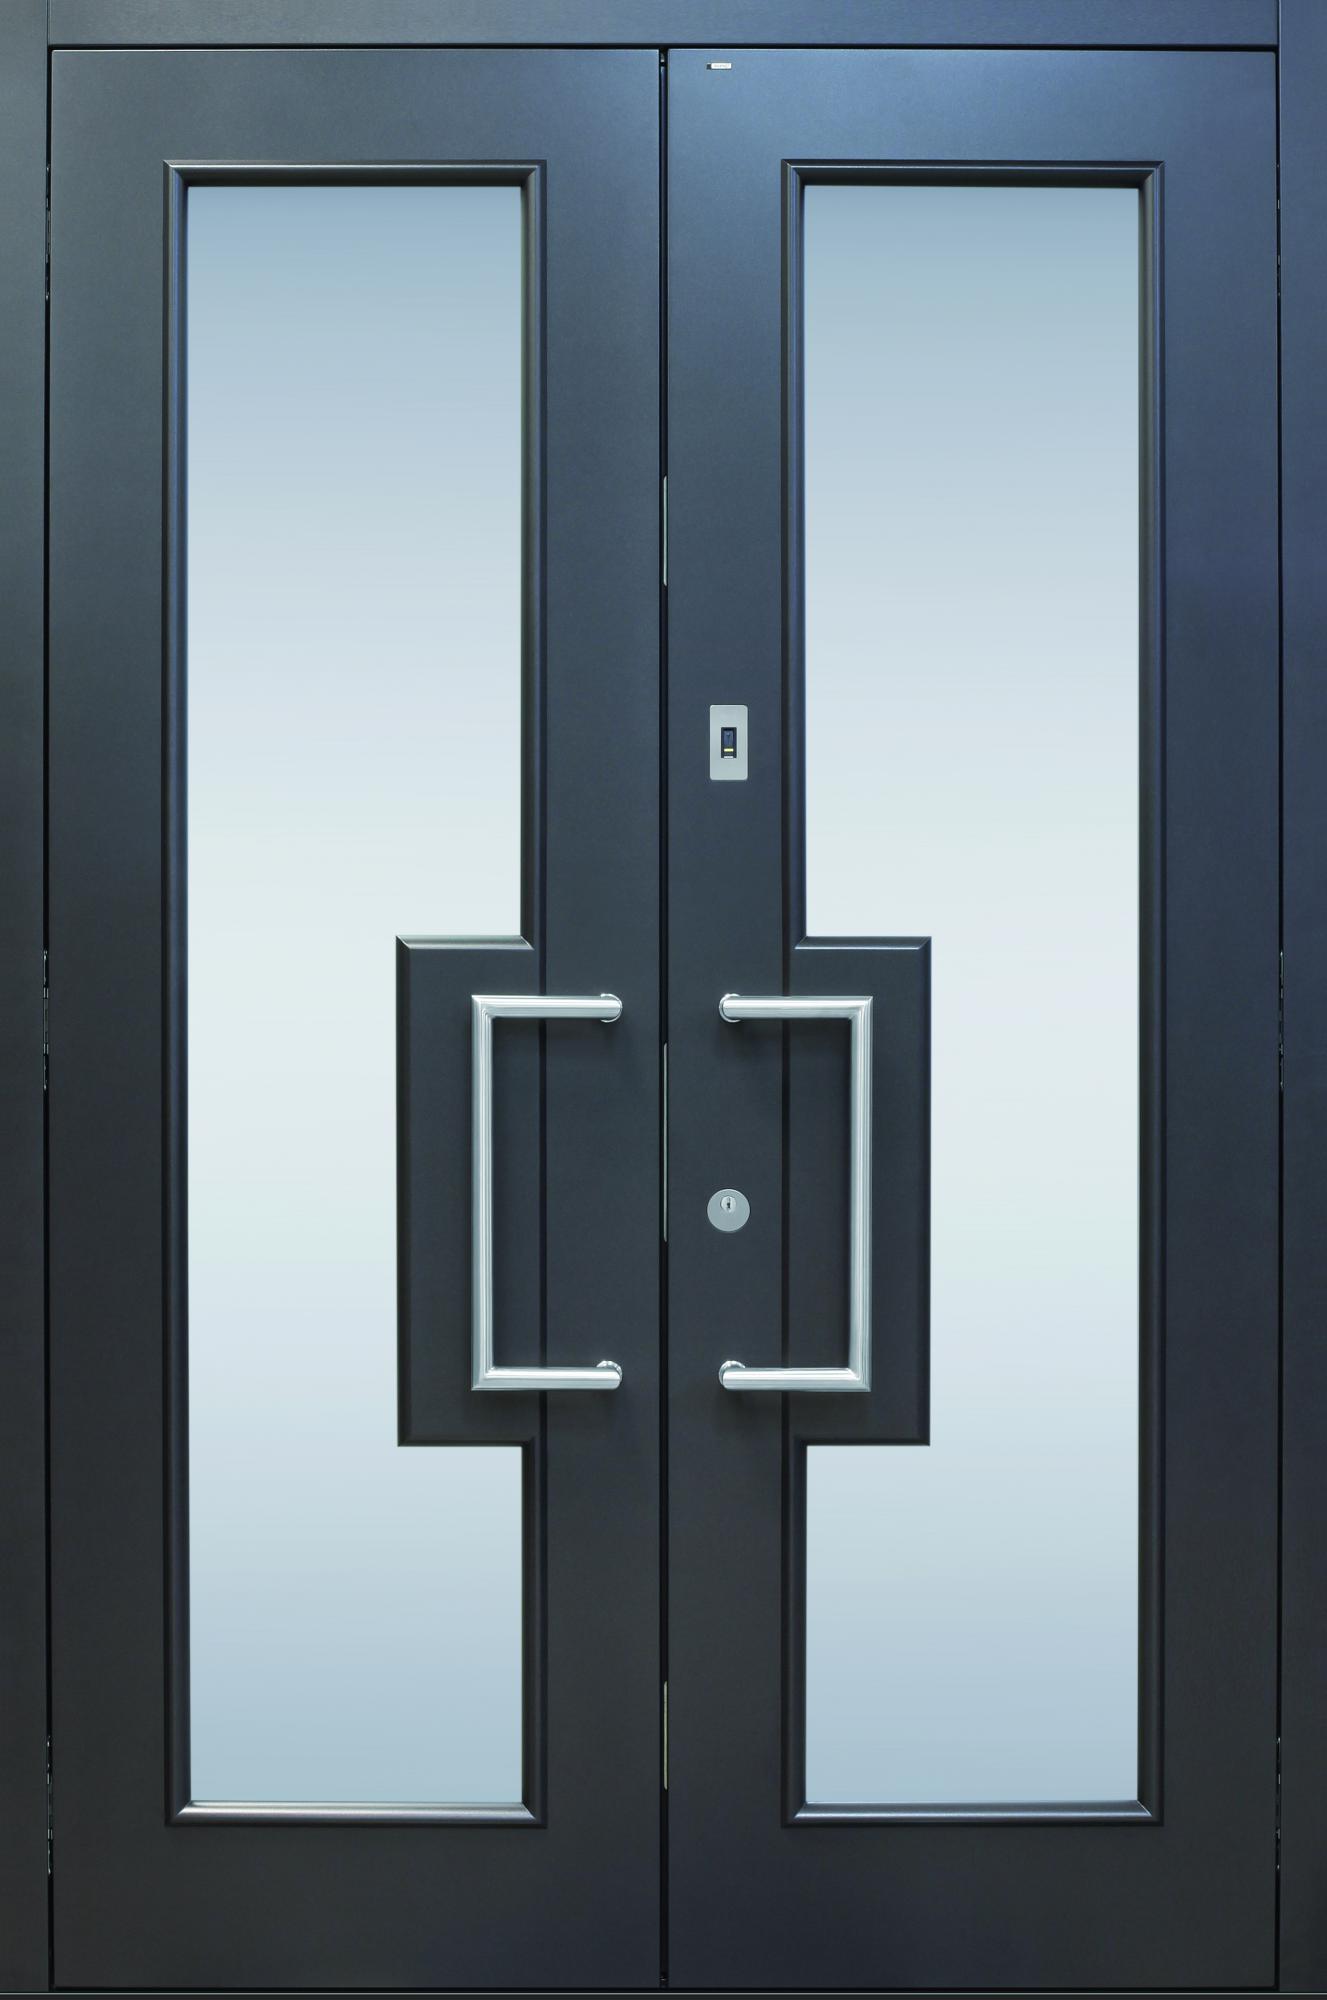 haust ren mit eckigem lichtausschnitt topic die t renmanufaktur. Black Bedroom Furniture Sets. Home Design Ideas